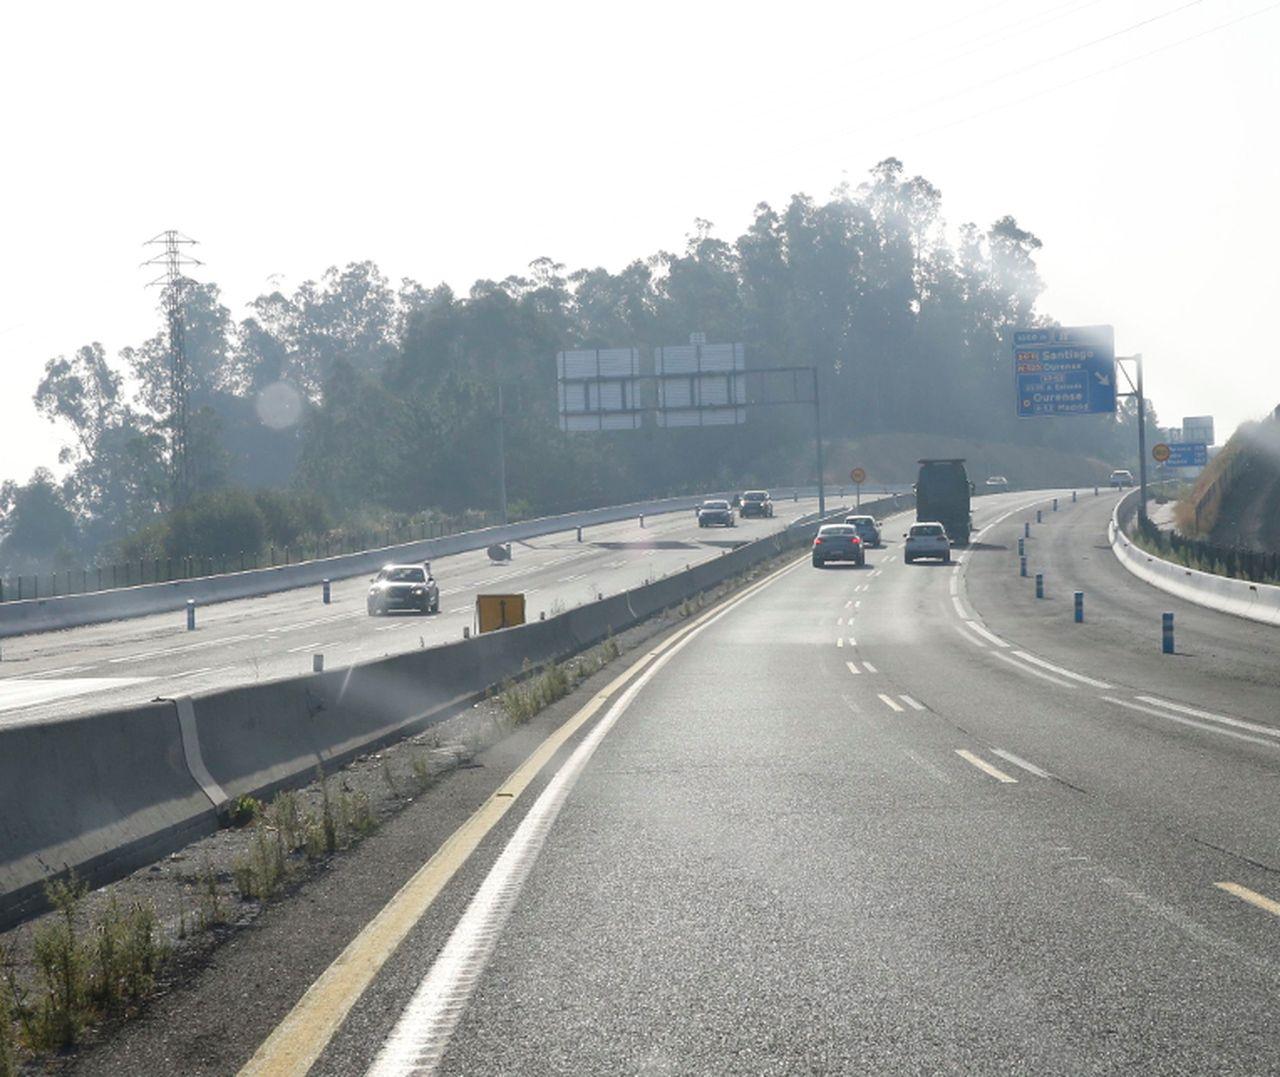 Obras de ampliaci�n de la autopista en Santiago.  - FOTO: Fernando Blanco